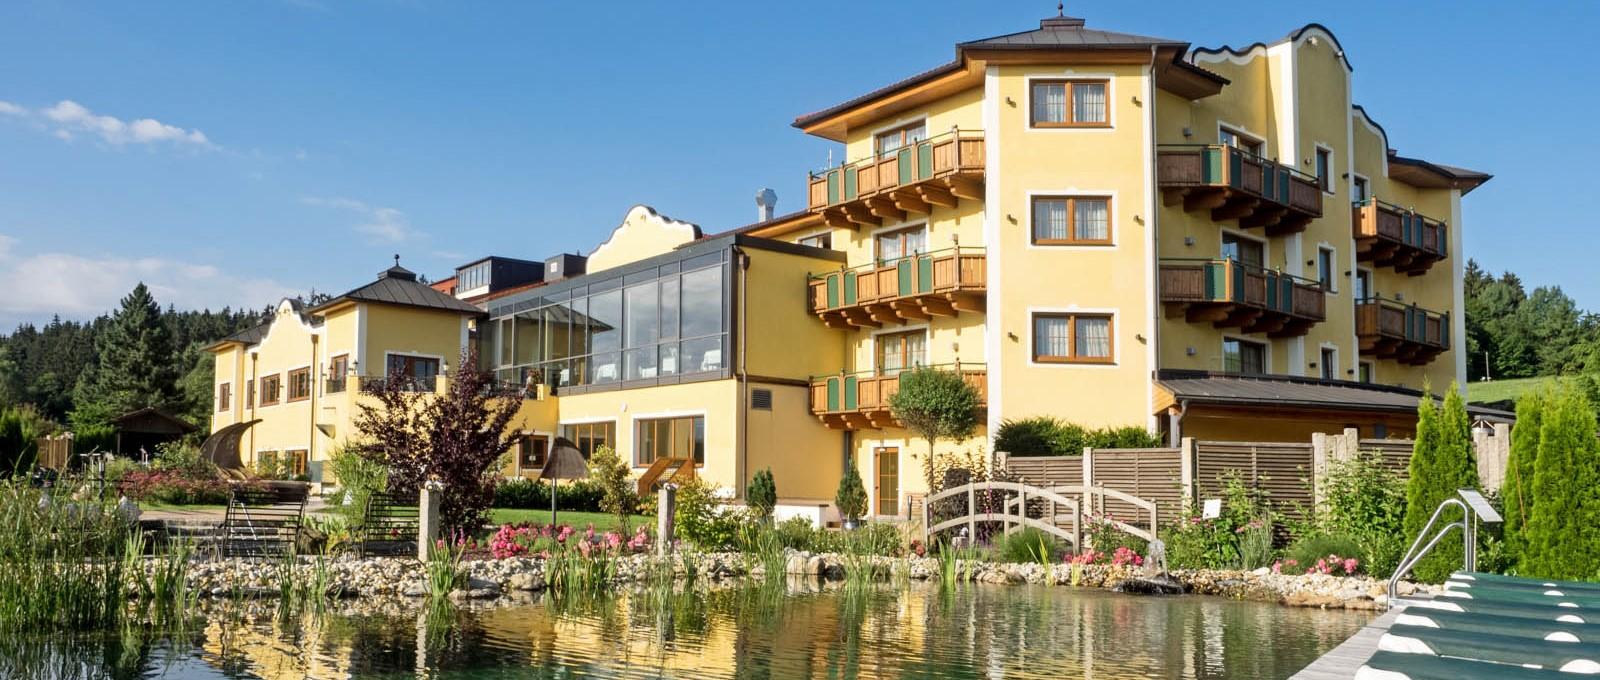 4 * Wellnesshotel Reischlhof im Bayerischen Wald